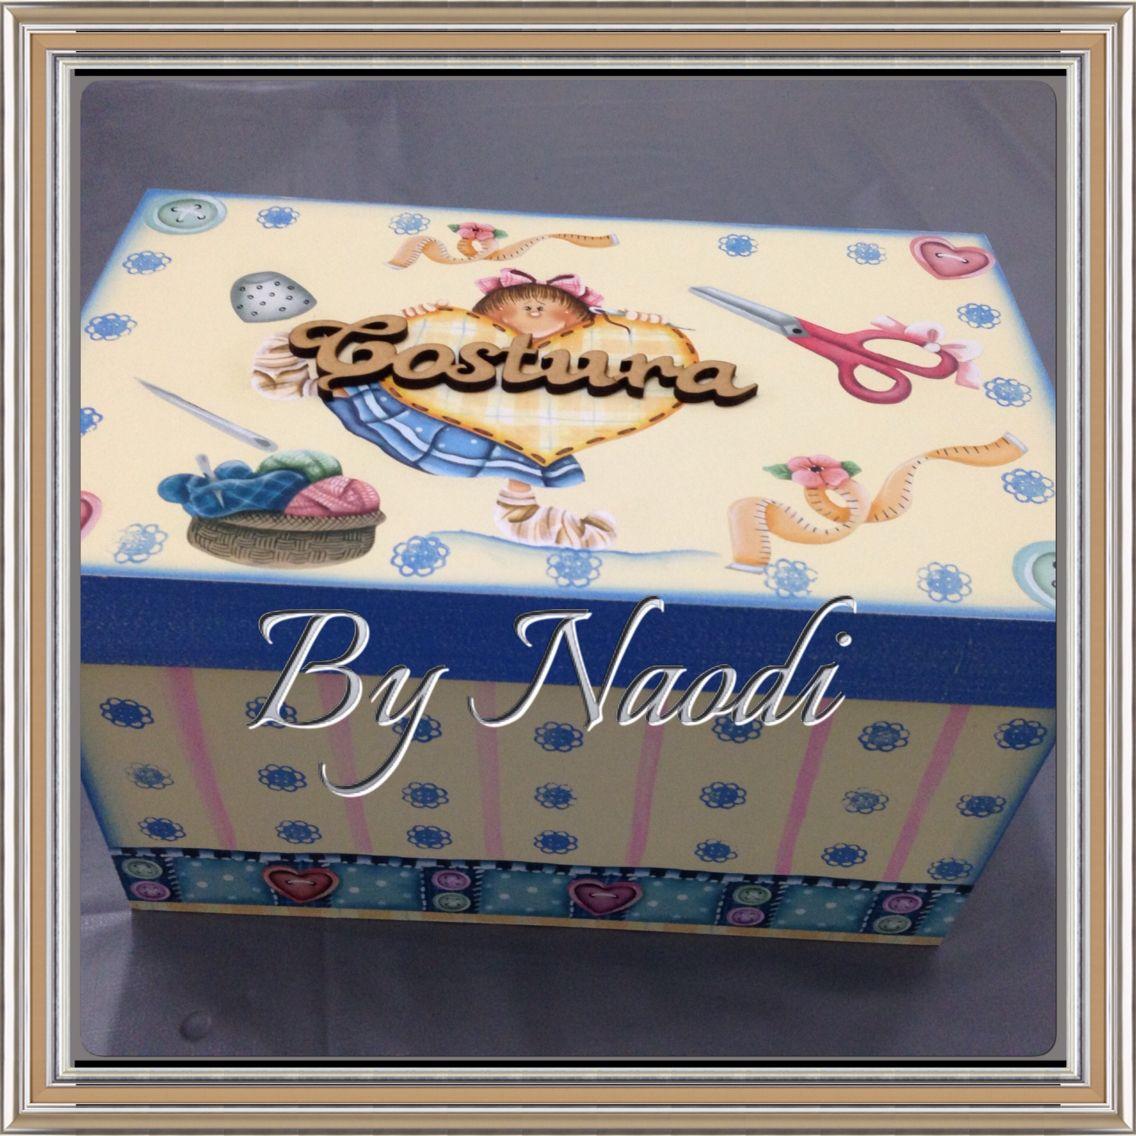 Caixa para costura com pintura decorativa e decoupagem